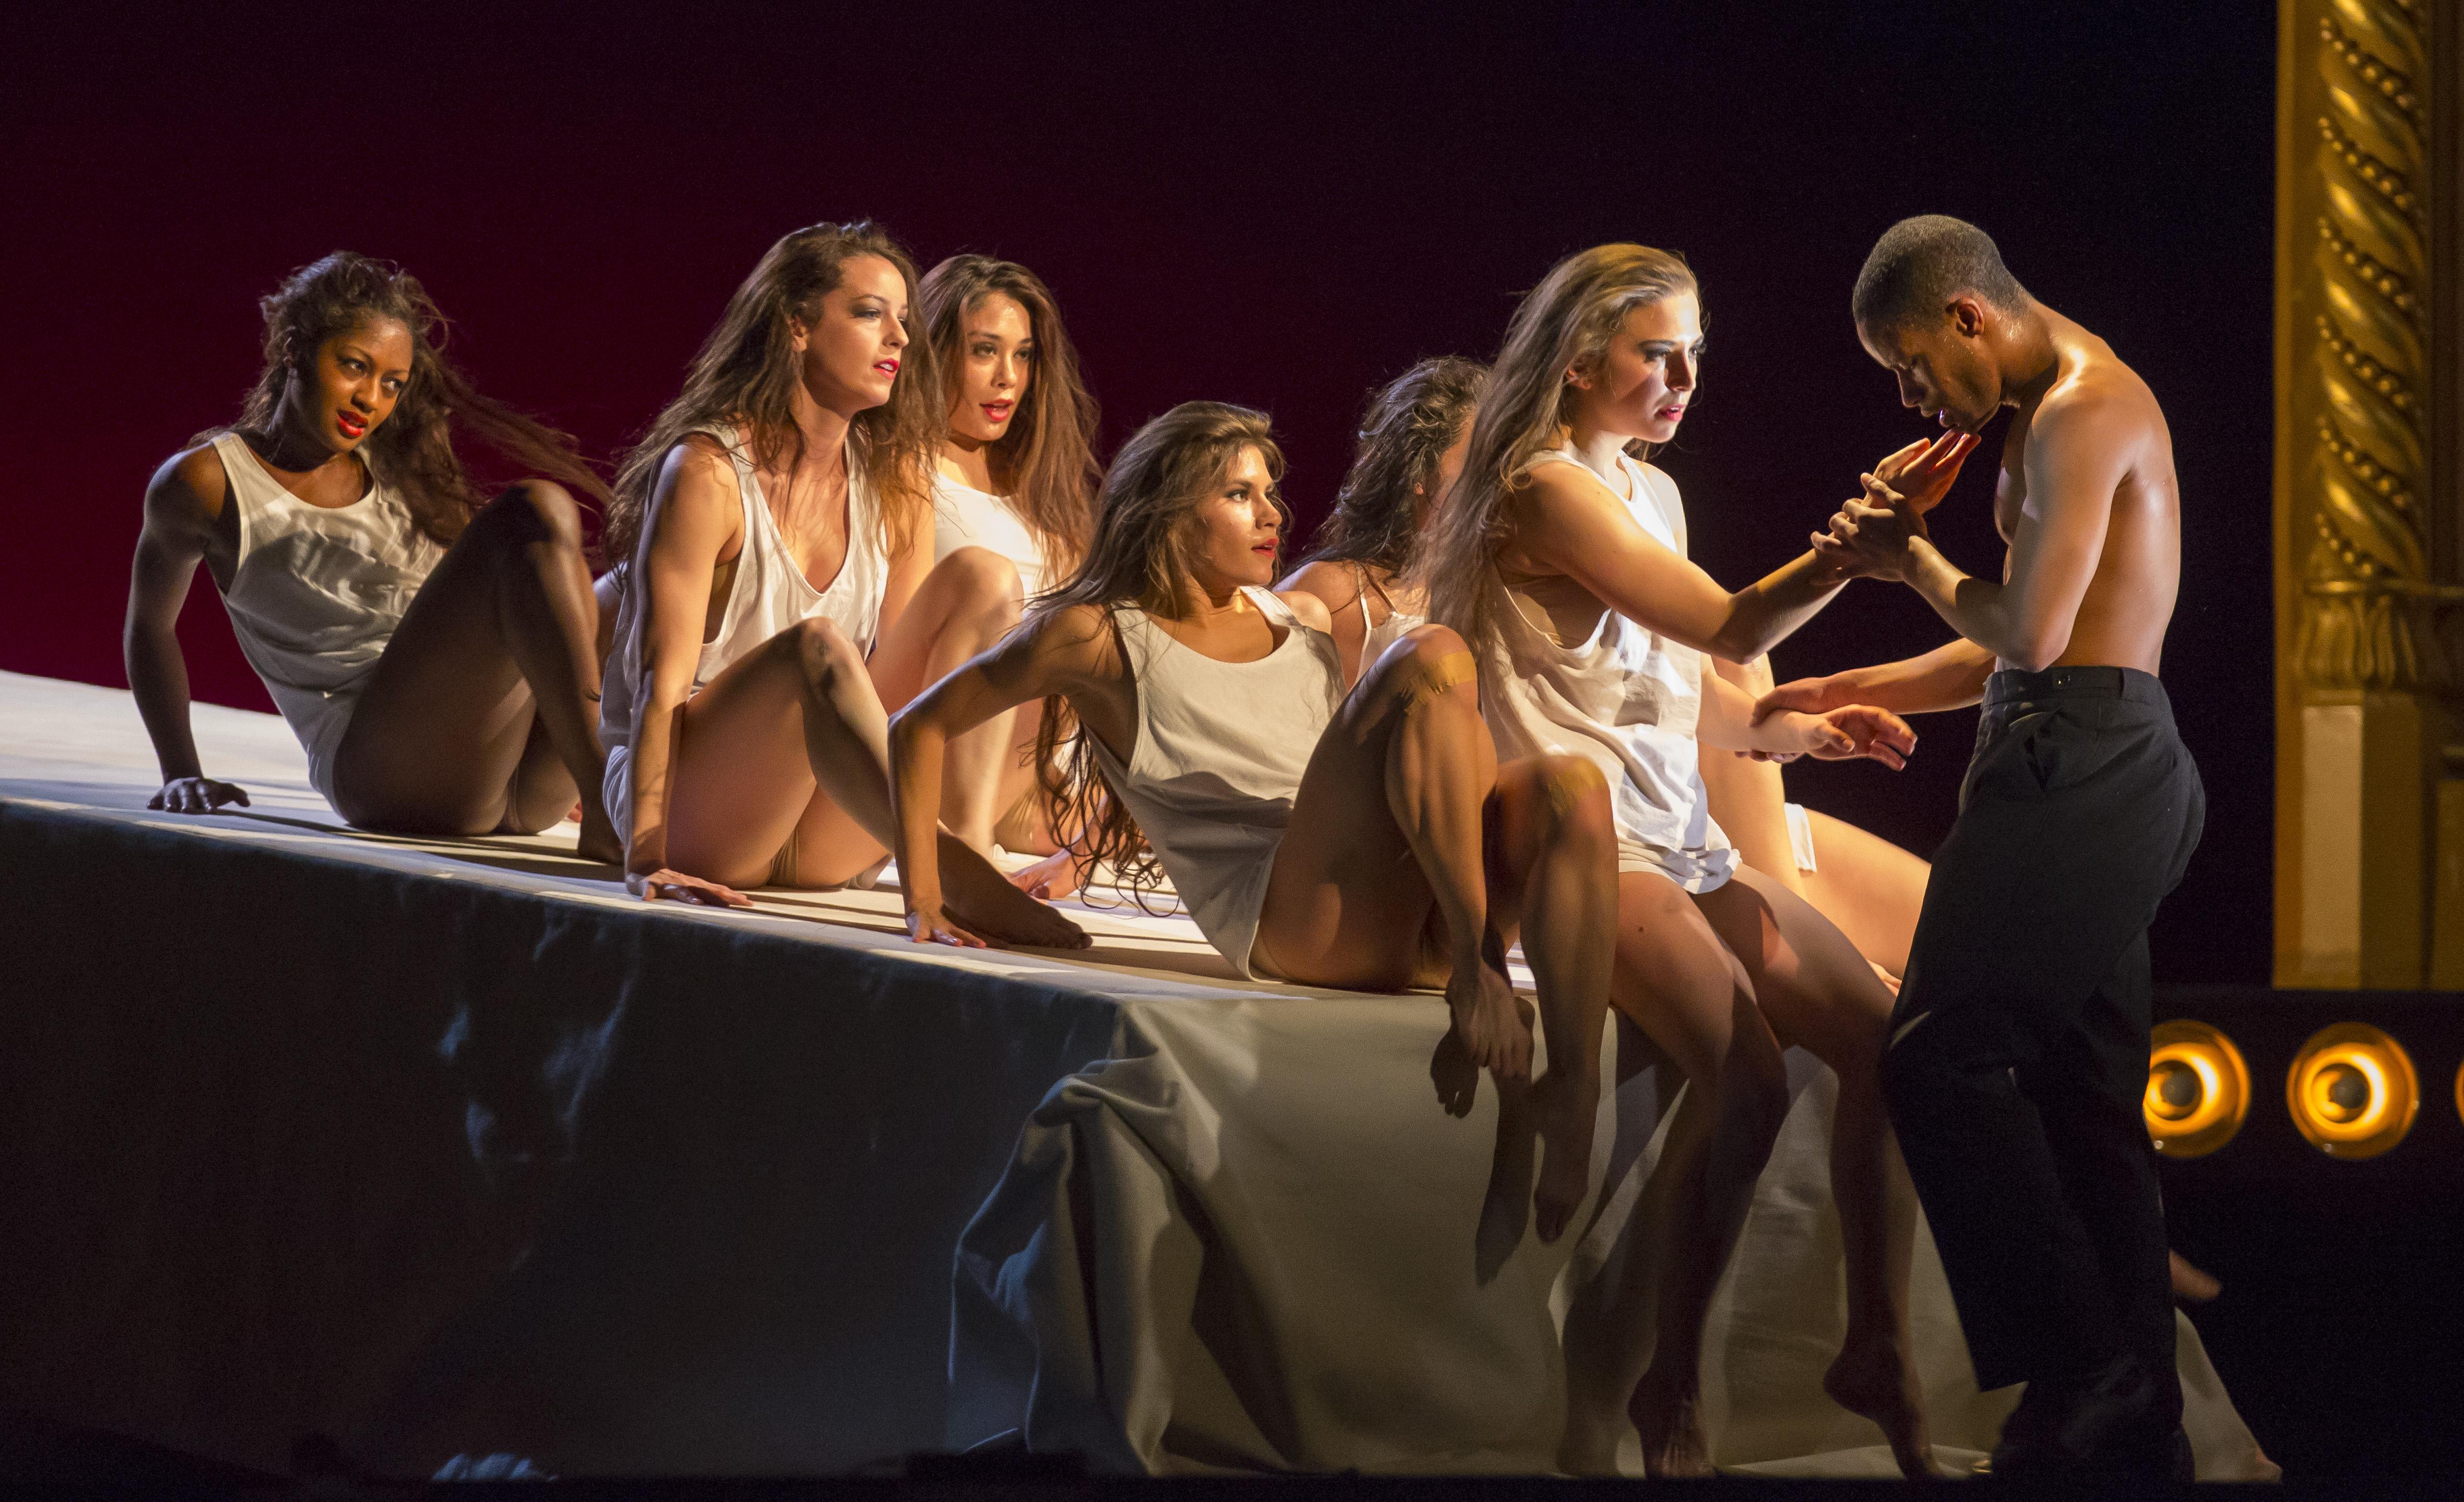 Смотреть эротика на сцене 324